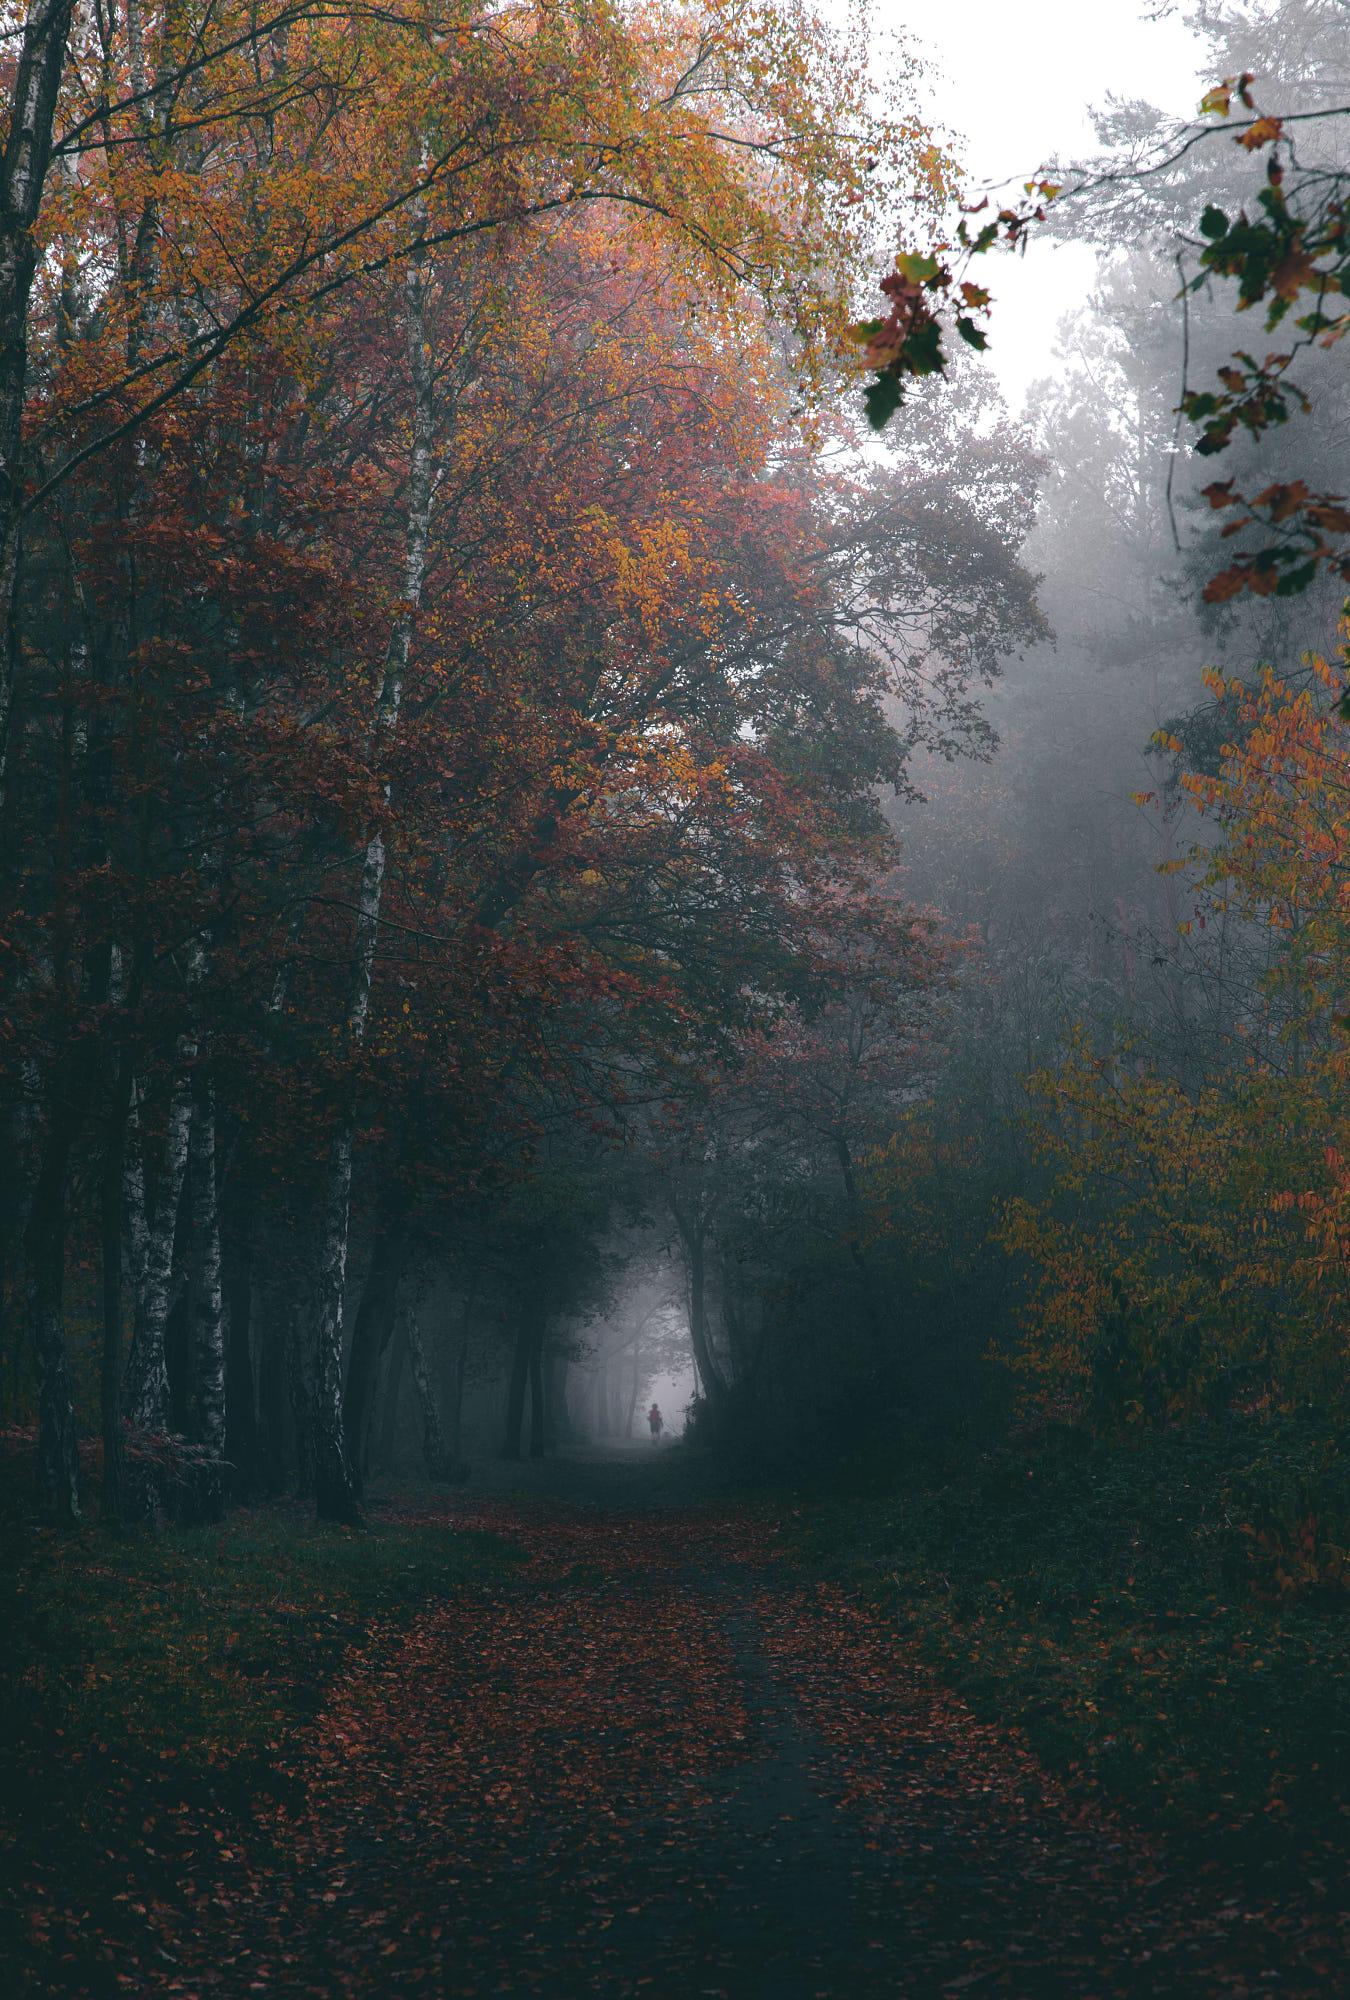 Фото Дорожка в осеннем лесу, by Denny Bitte